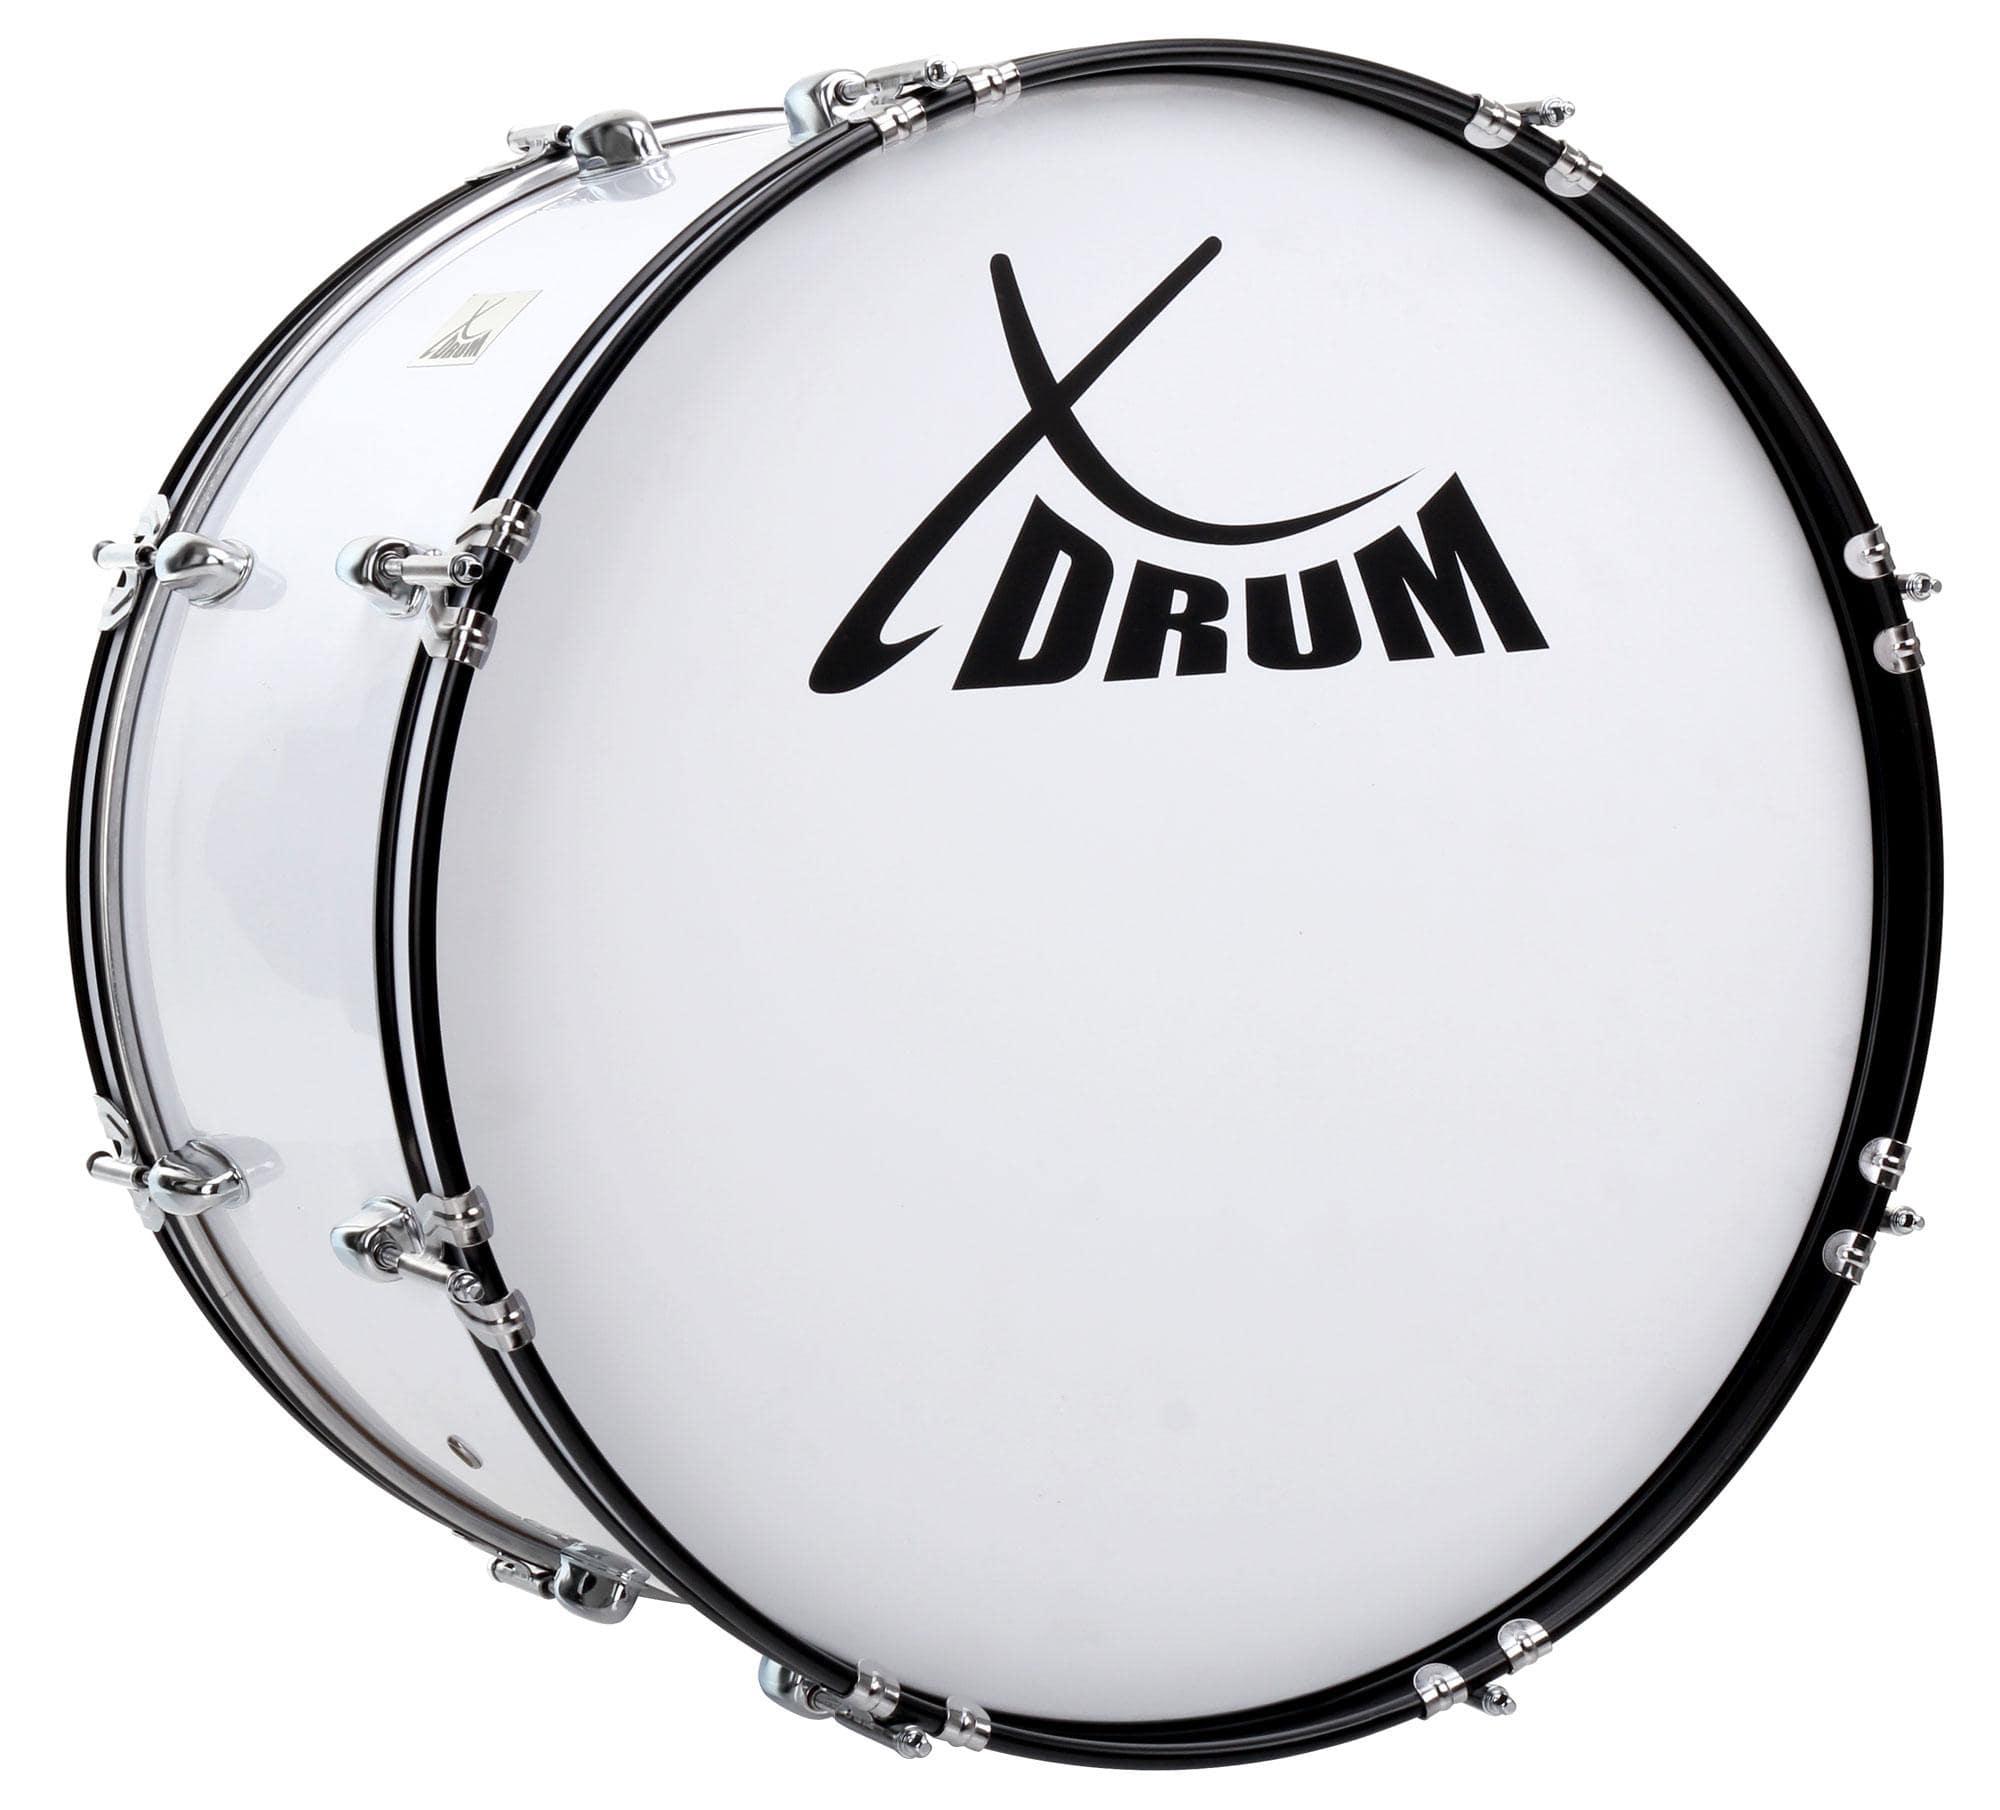 Akustikdrums - XDrum MBD 226 Marschtrommel 26' x 12' Retoure (Zustand sehr gut) - Onlineshop Musikhaus Kirstein